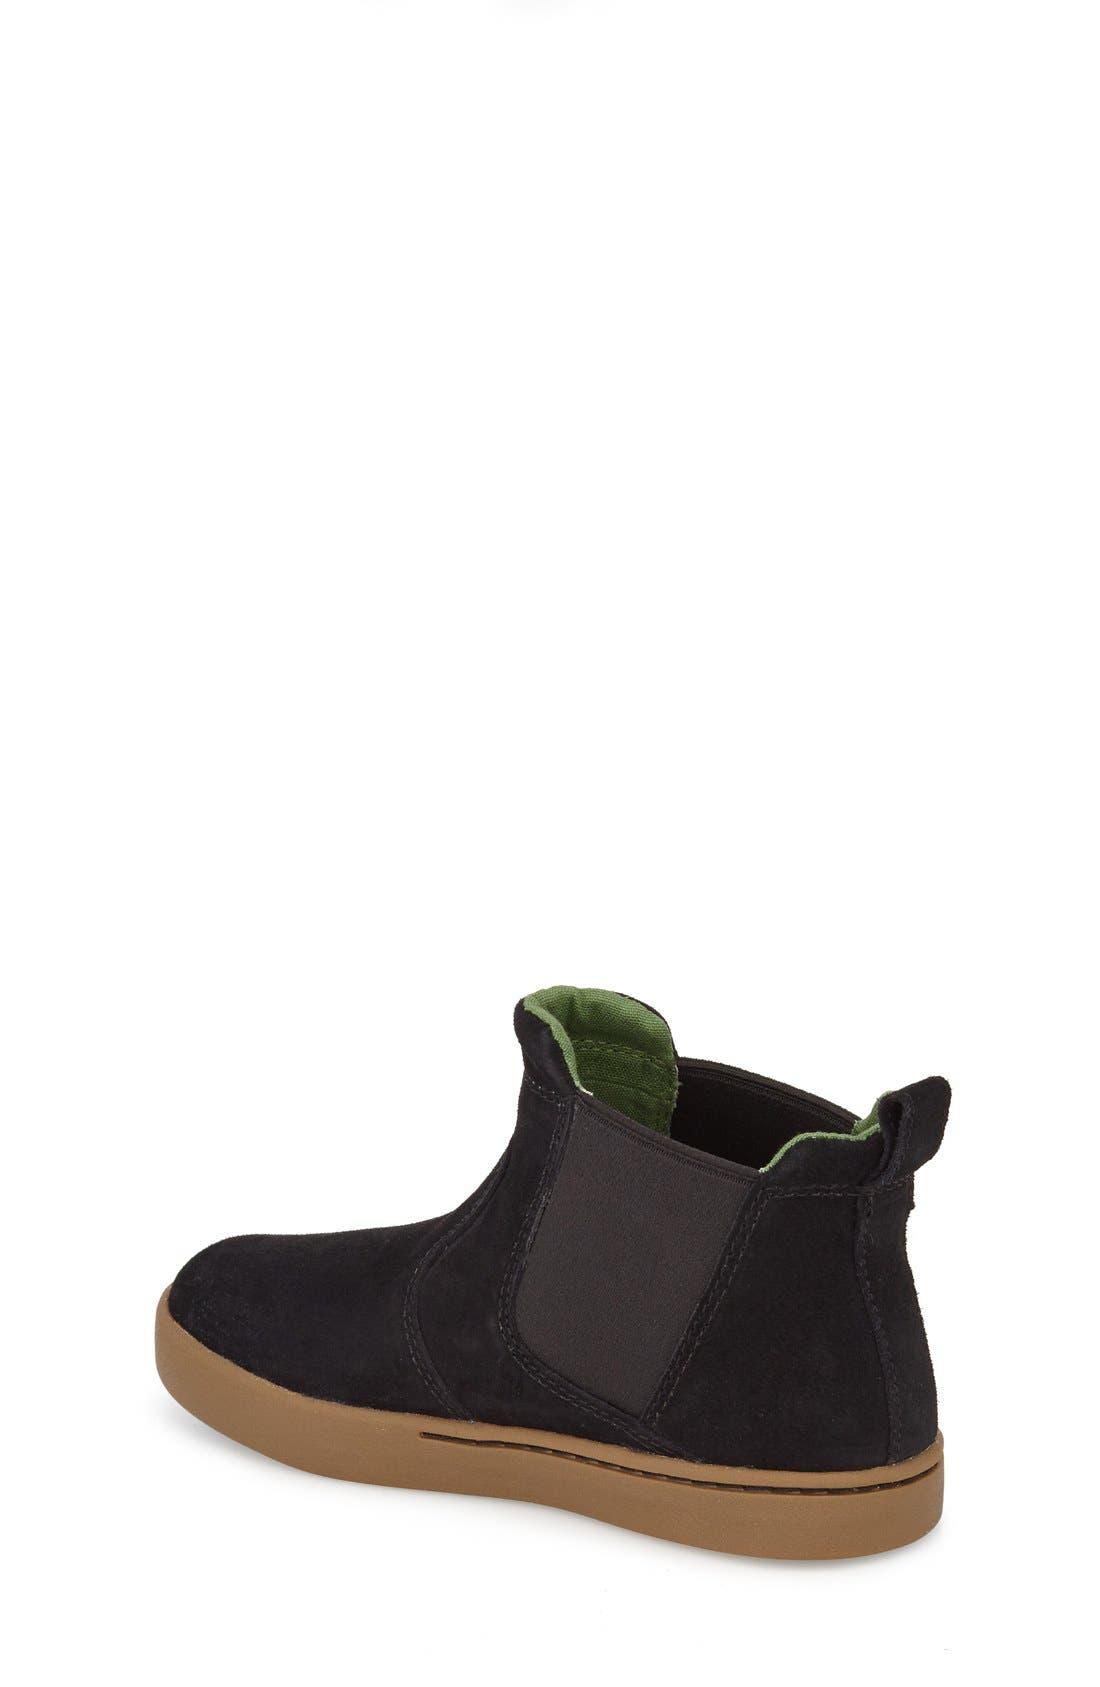 Hamden Sneaker,                             Alternate thumbnail 2, color,                             001